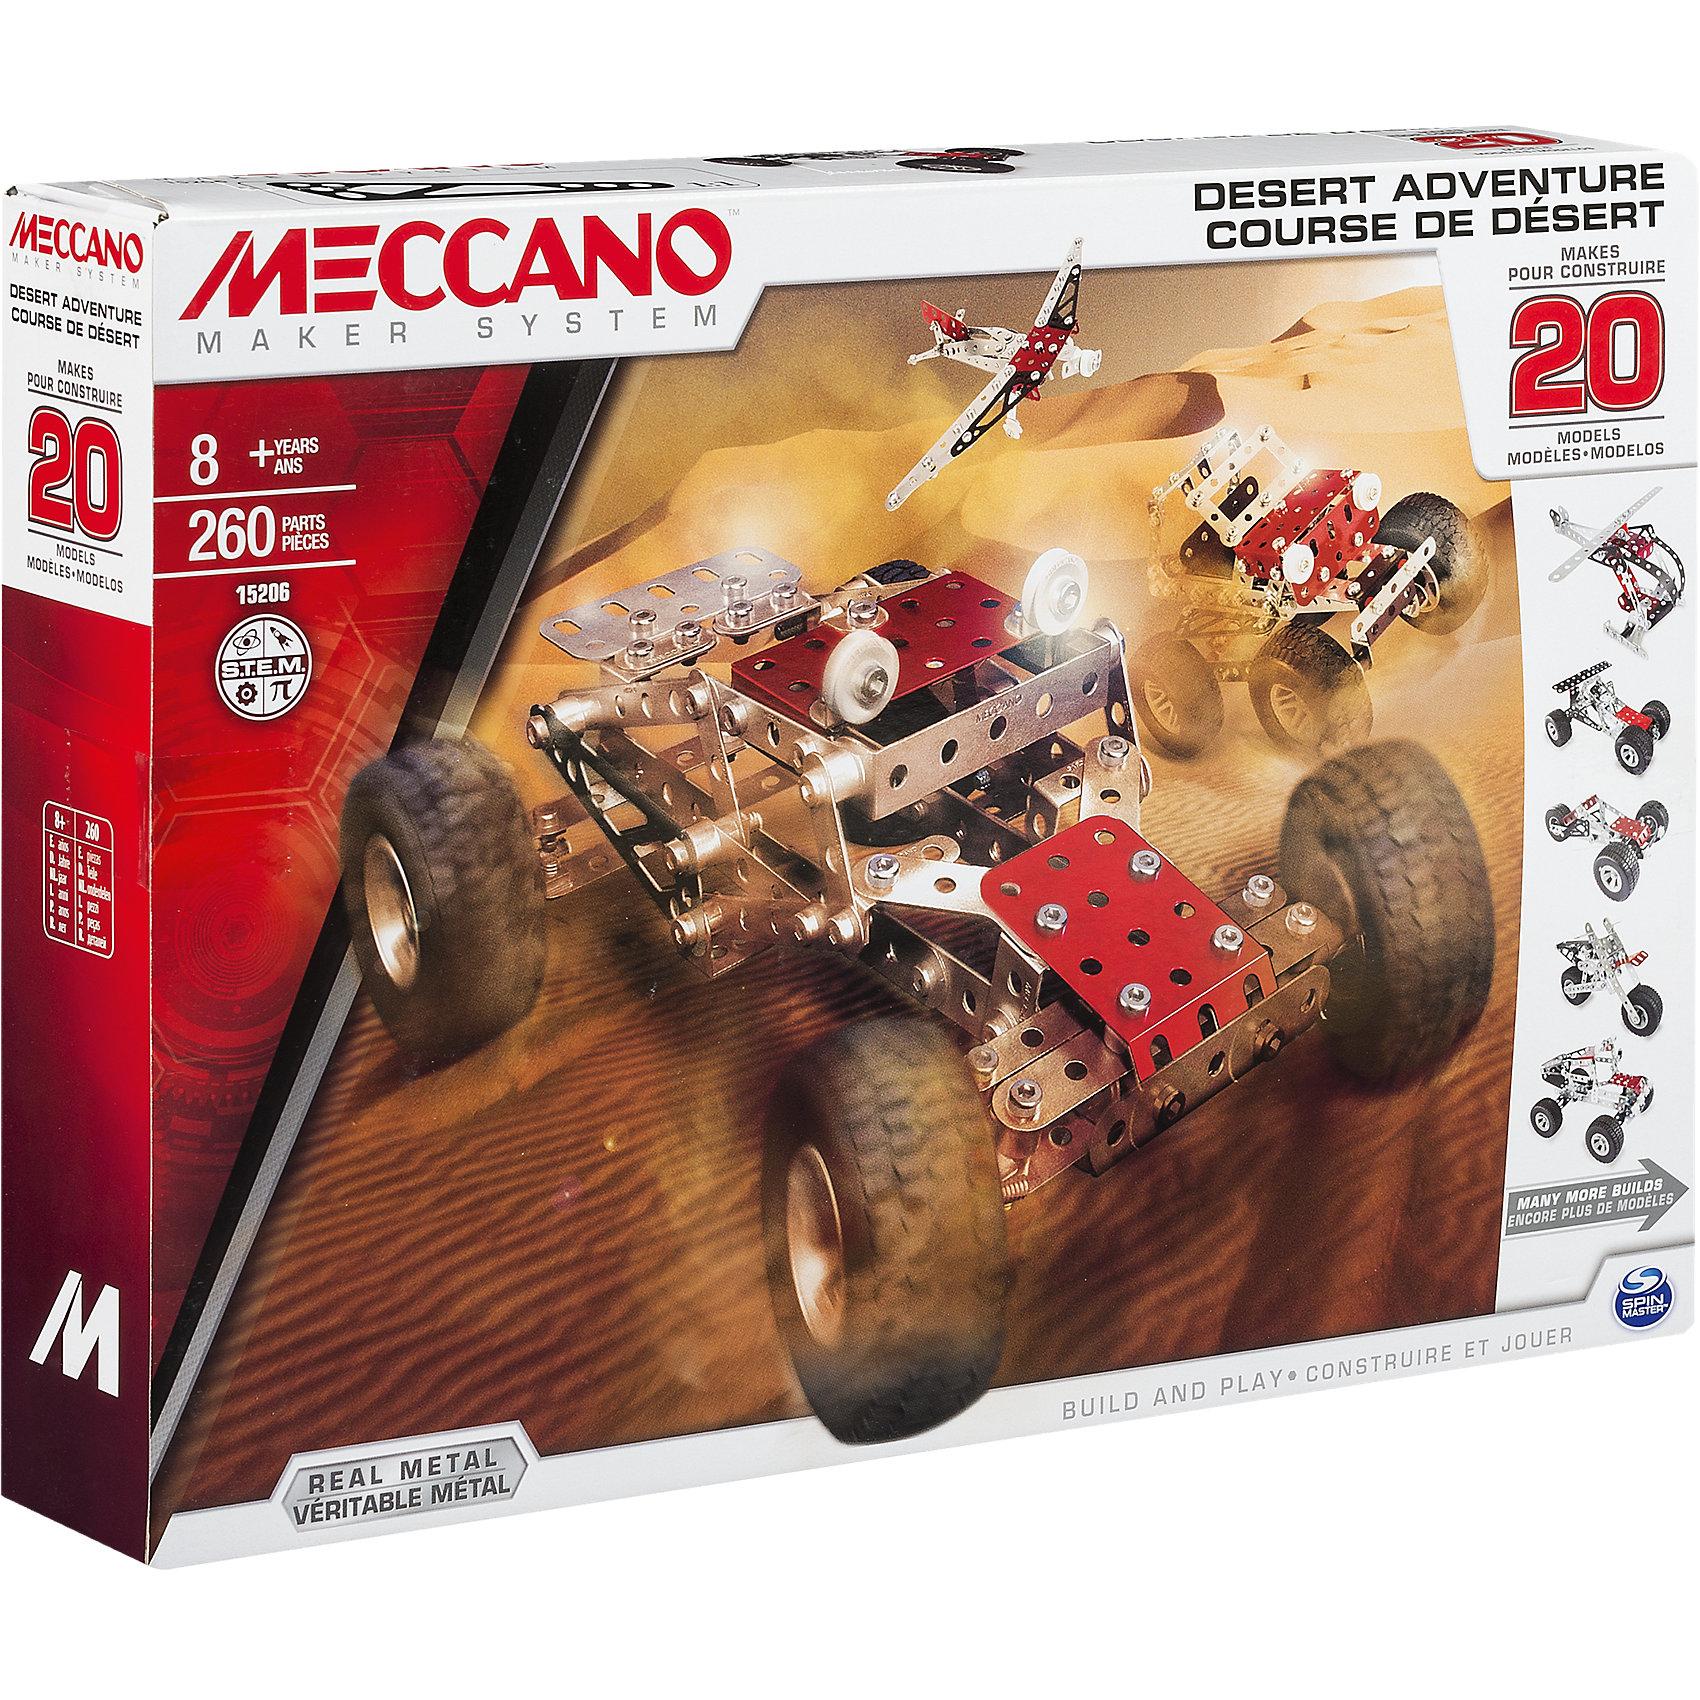 Набор Приключения в пустыне (20 моделей), MeccanoМеталлические конструкторы<br>В Наборе Приключения в пустыне (20 моделей), Meccano (Меккано) есть все необходимые инструменты и детали для сборки 20 различных моделей техники (багги, джип, байк, самолет, вертолет, квадроцикл, подъемный кран и др.). <br><br>Характеристики:<br>-Части детально проработаны<br>-Детали отлиты из высококачественного сплава, отсутствуют заусенцы и острые грани<br>-Развивает: навыки инженерного мышления, мелкую моторику, комбинаторные навыки, логику, усидчивость<br><br>Комплектация: 280 деталей, в т. ч. рулевое управление, подвеска, колеса с резиновыми покрышками и др., инструкция<br><br>Дополнительная информация:<br>-Количество деталей: 280<br>-Вес в упаковке: 3,7 кг<br>-Размеры в упаковке: 35х6х25 см<br>-Материалы: металл, пластик, резина<br>-Размер основной модели (багги): 24х13 см<br><br>Яркий Набор Приключения в пустыне (20 моделей) доставит удовольствие юным техникам!<br><br>Набор Приключения в пустыне (20 моделей), Meccano (Меккано) можно купить в нашем магазине.<br><br>Ширина мм: 354<br>Глубина мм: 253<br>Высота мм: 68<br>Вес г: 818<br>Возраст от месяцев: 96<br>Возраст до месяцев: 156<br>Пол: Мужской<br>Возраст: Детский<br>SKU: 4158555